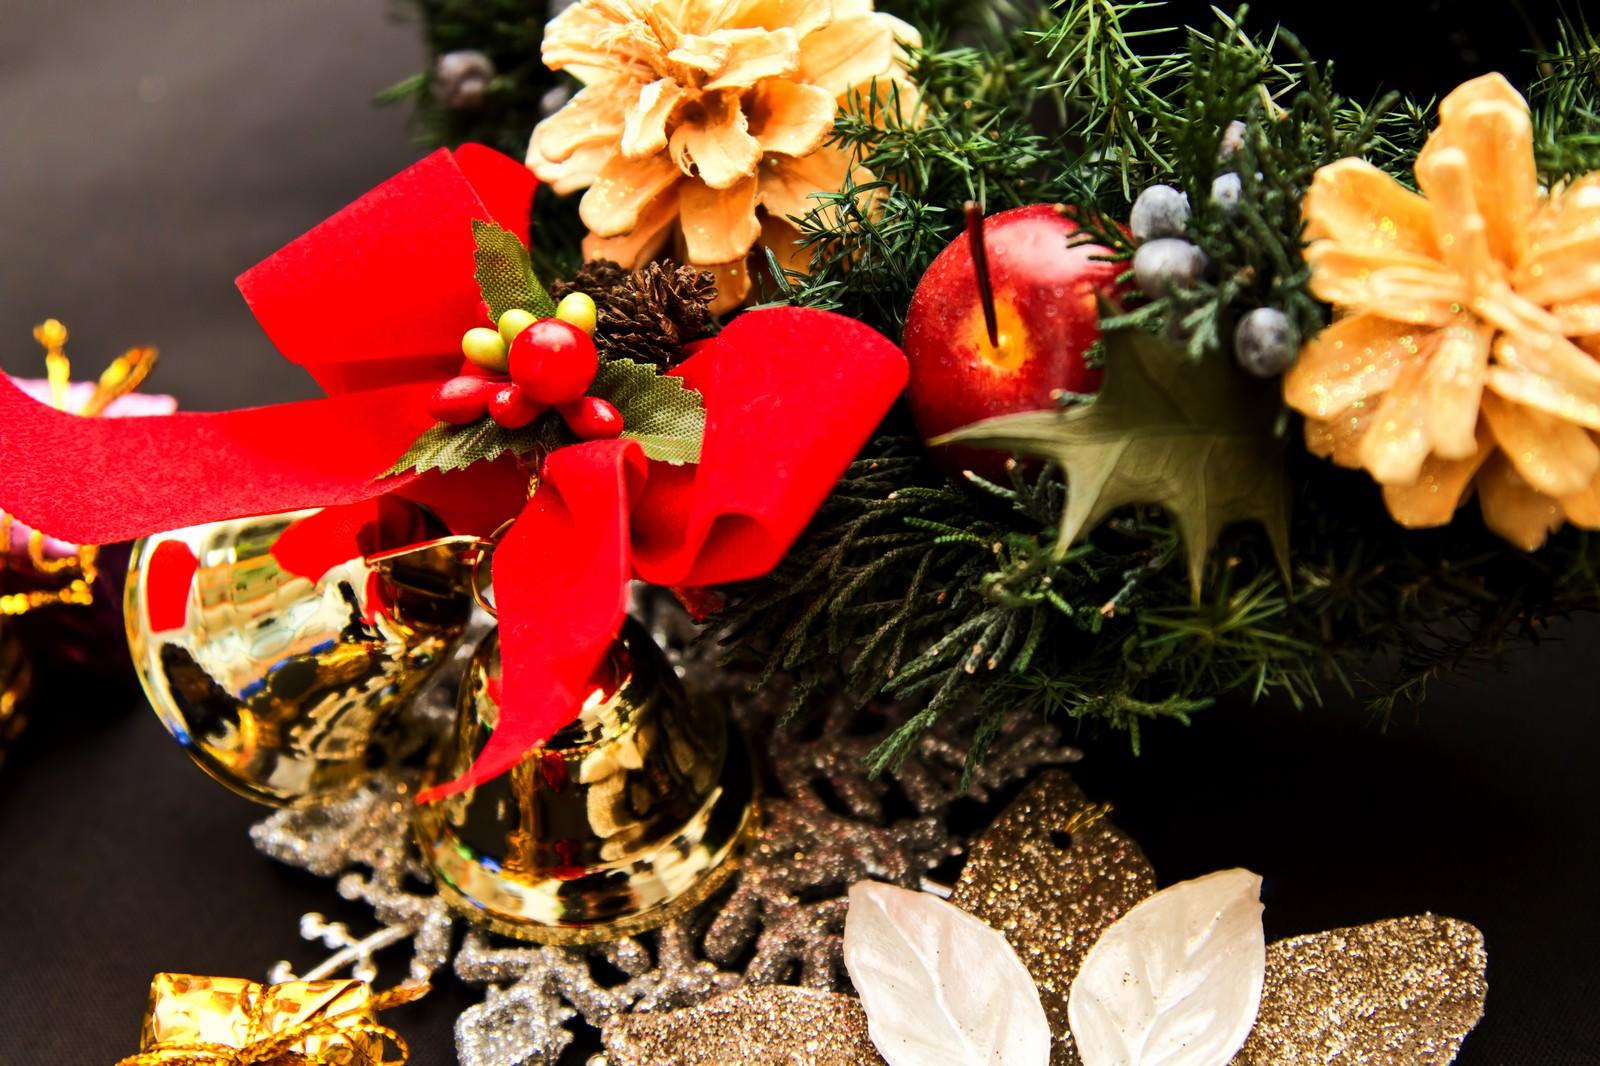 「クリスマス用の飾り(ベル等)クリスマス用の飾り(ベル等)」のフリー写真素材を拡大